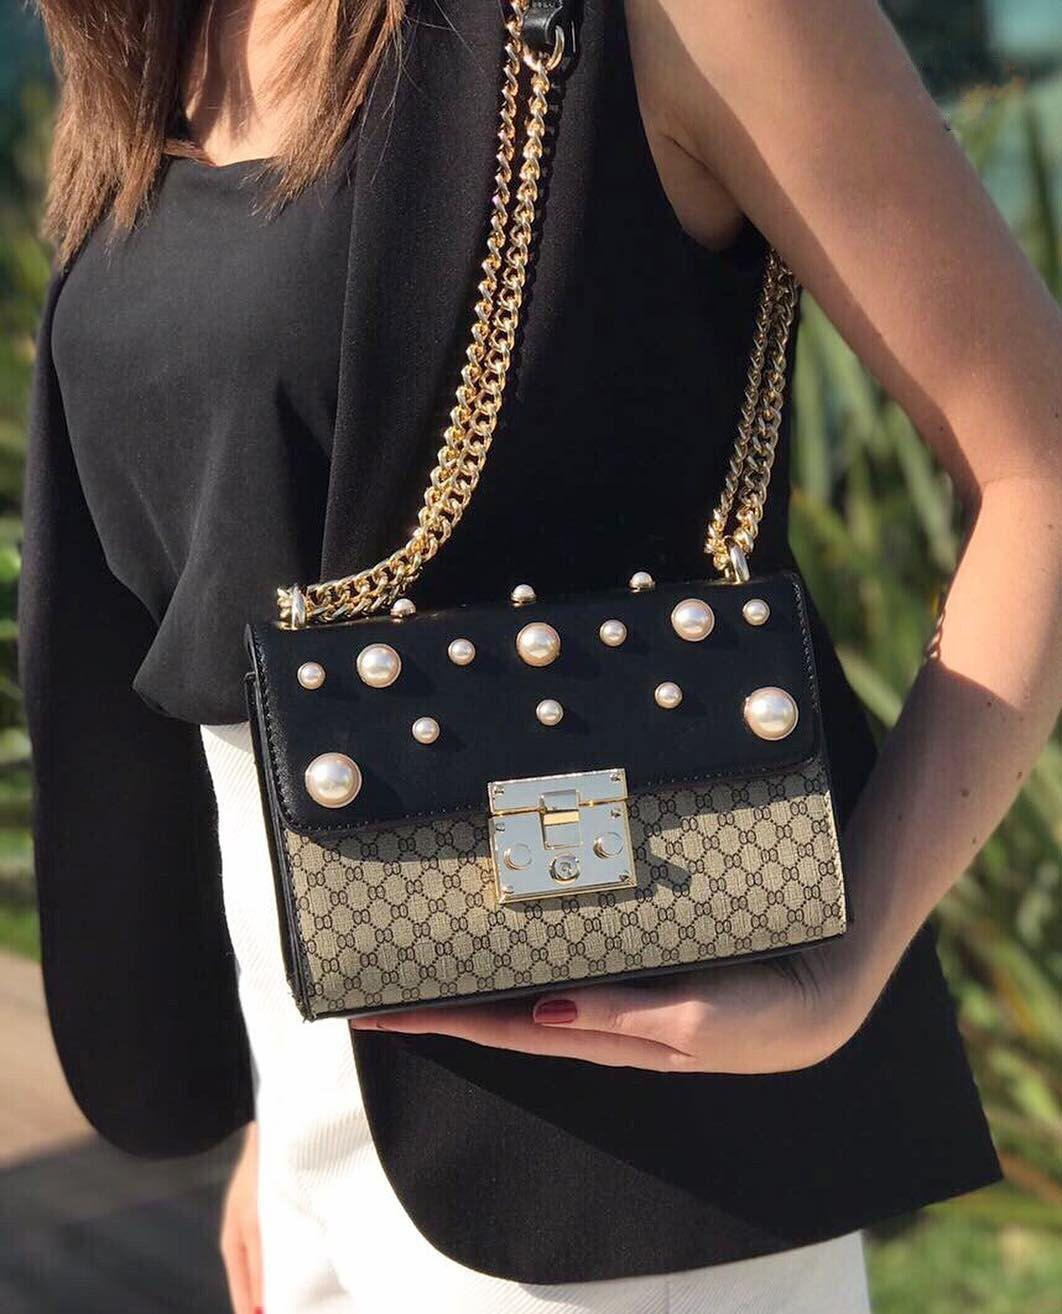 Bolsa Gucci Pequena Inspired : Bolsa inspired gucci padlock supreme transversal na cor